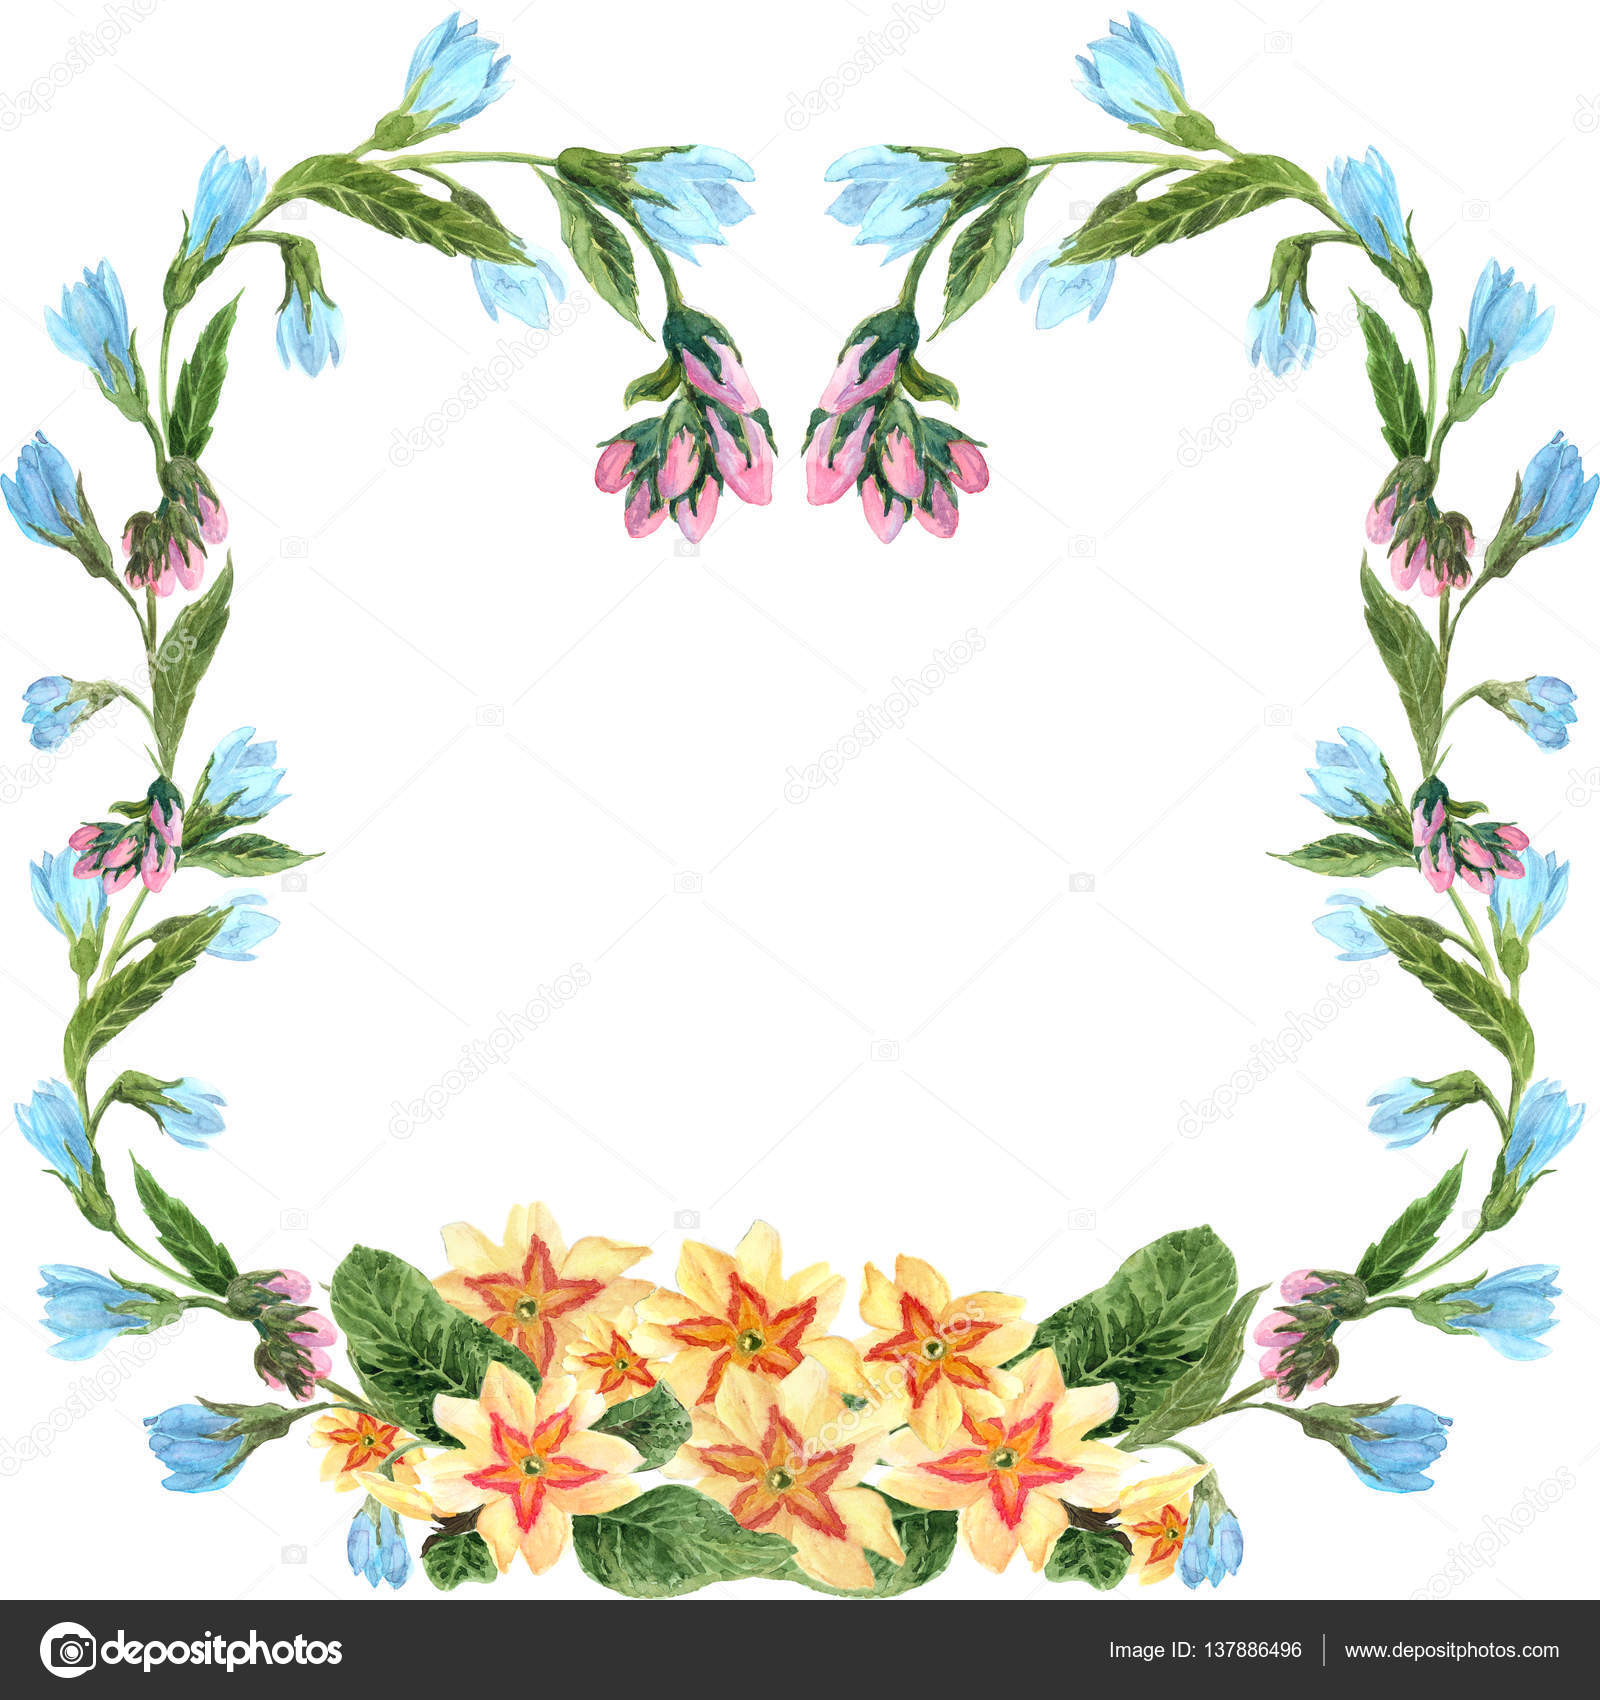 Spring flowers decorative frame stok foto gvinevera88 137886496 spring flowers decorative frame stok fotoraf mightylinksfo